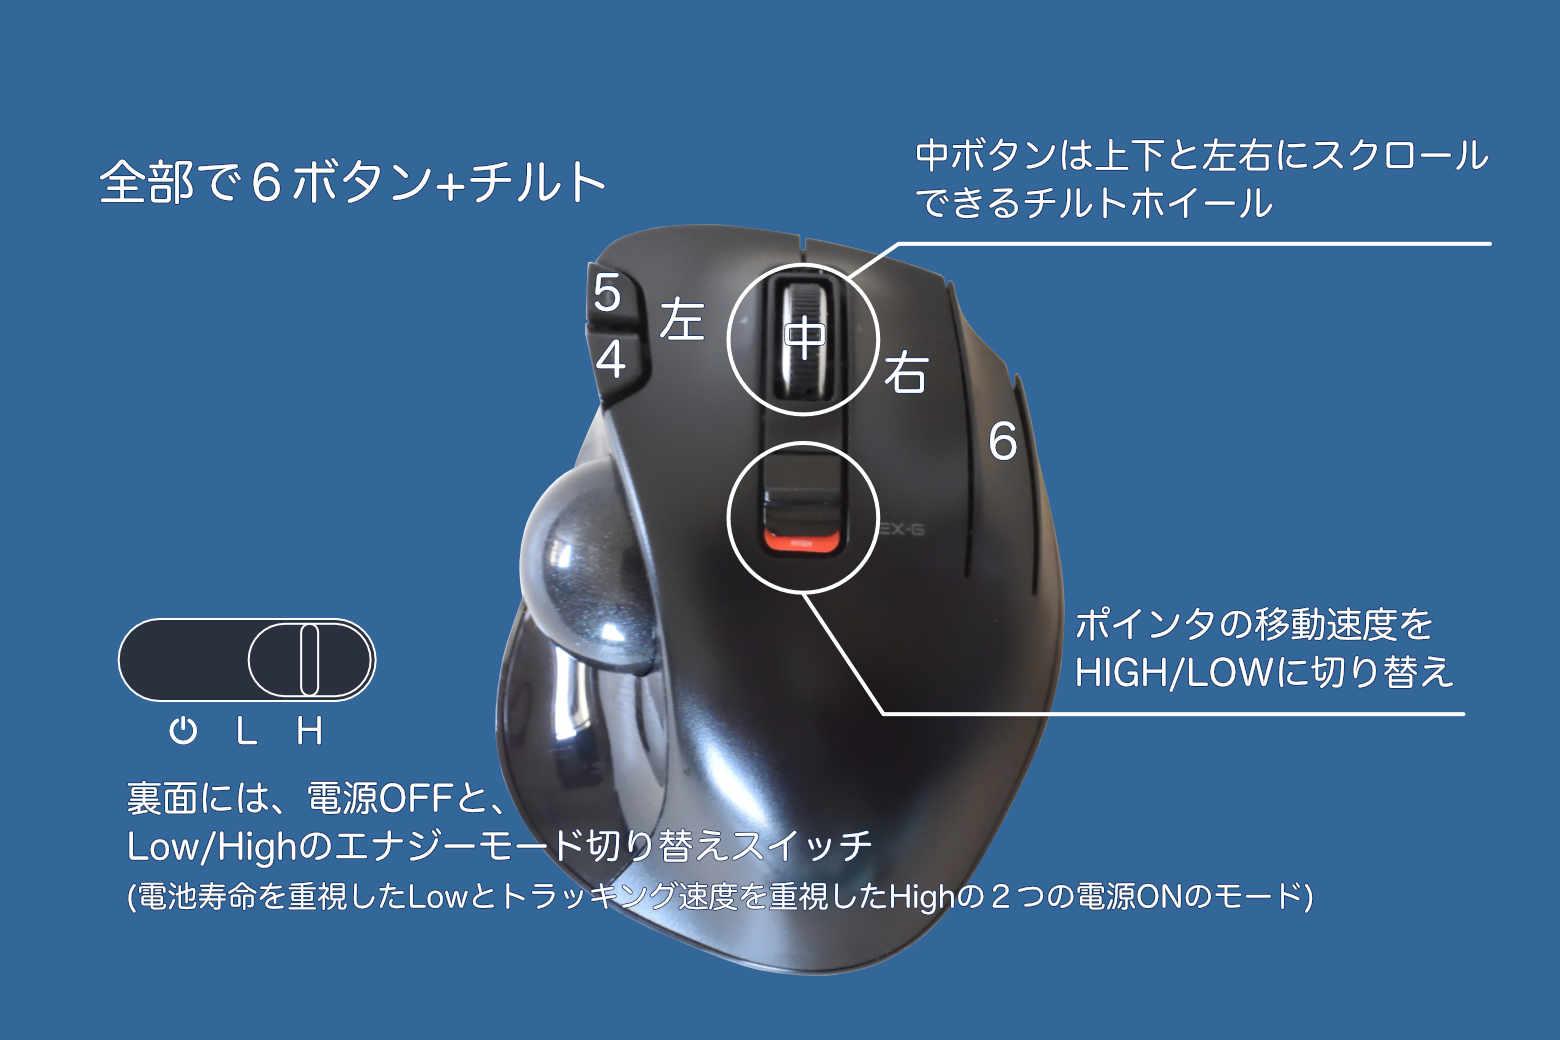 トラックボールマウス「M-XT3DRBK 」